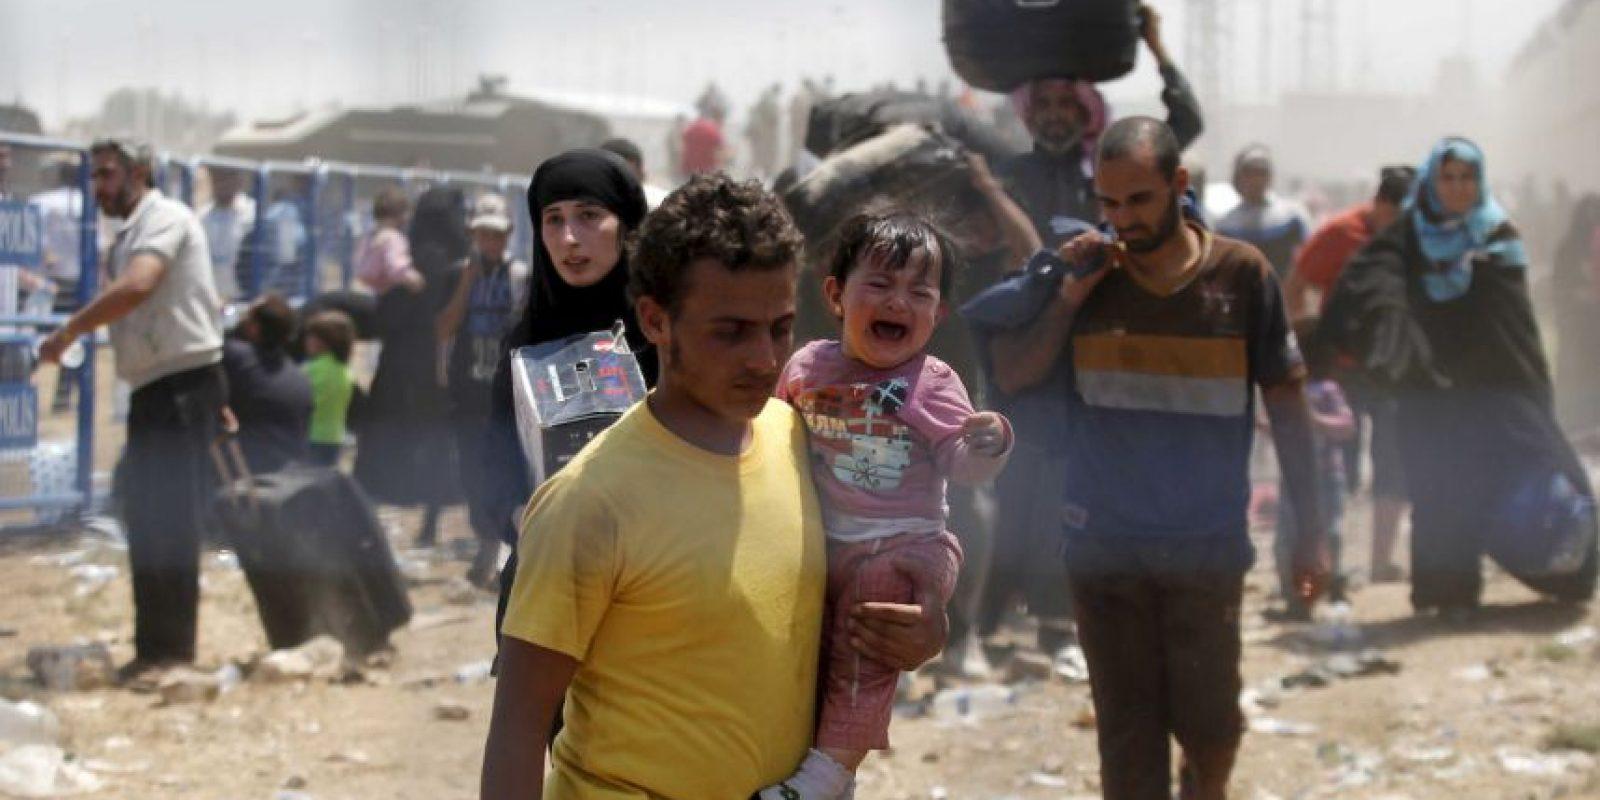 La Organización de las Naciones Unidas (ONU) informó que el número de refugiados por la violencia en Siria alcanza los 4.27 millones, de acuerdo a la Agencia de la ONU para los Refugiados. Foto:Getty Images